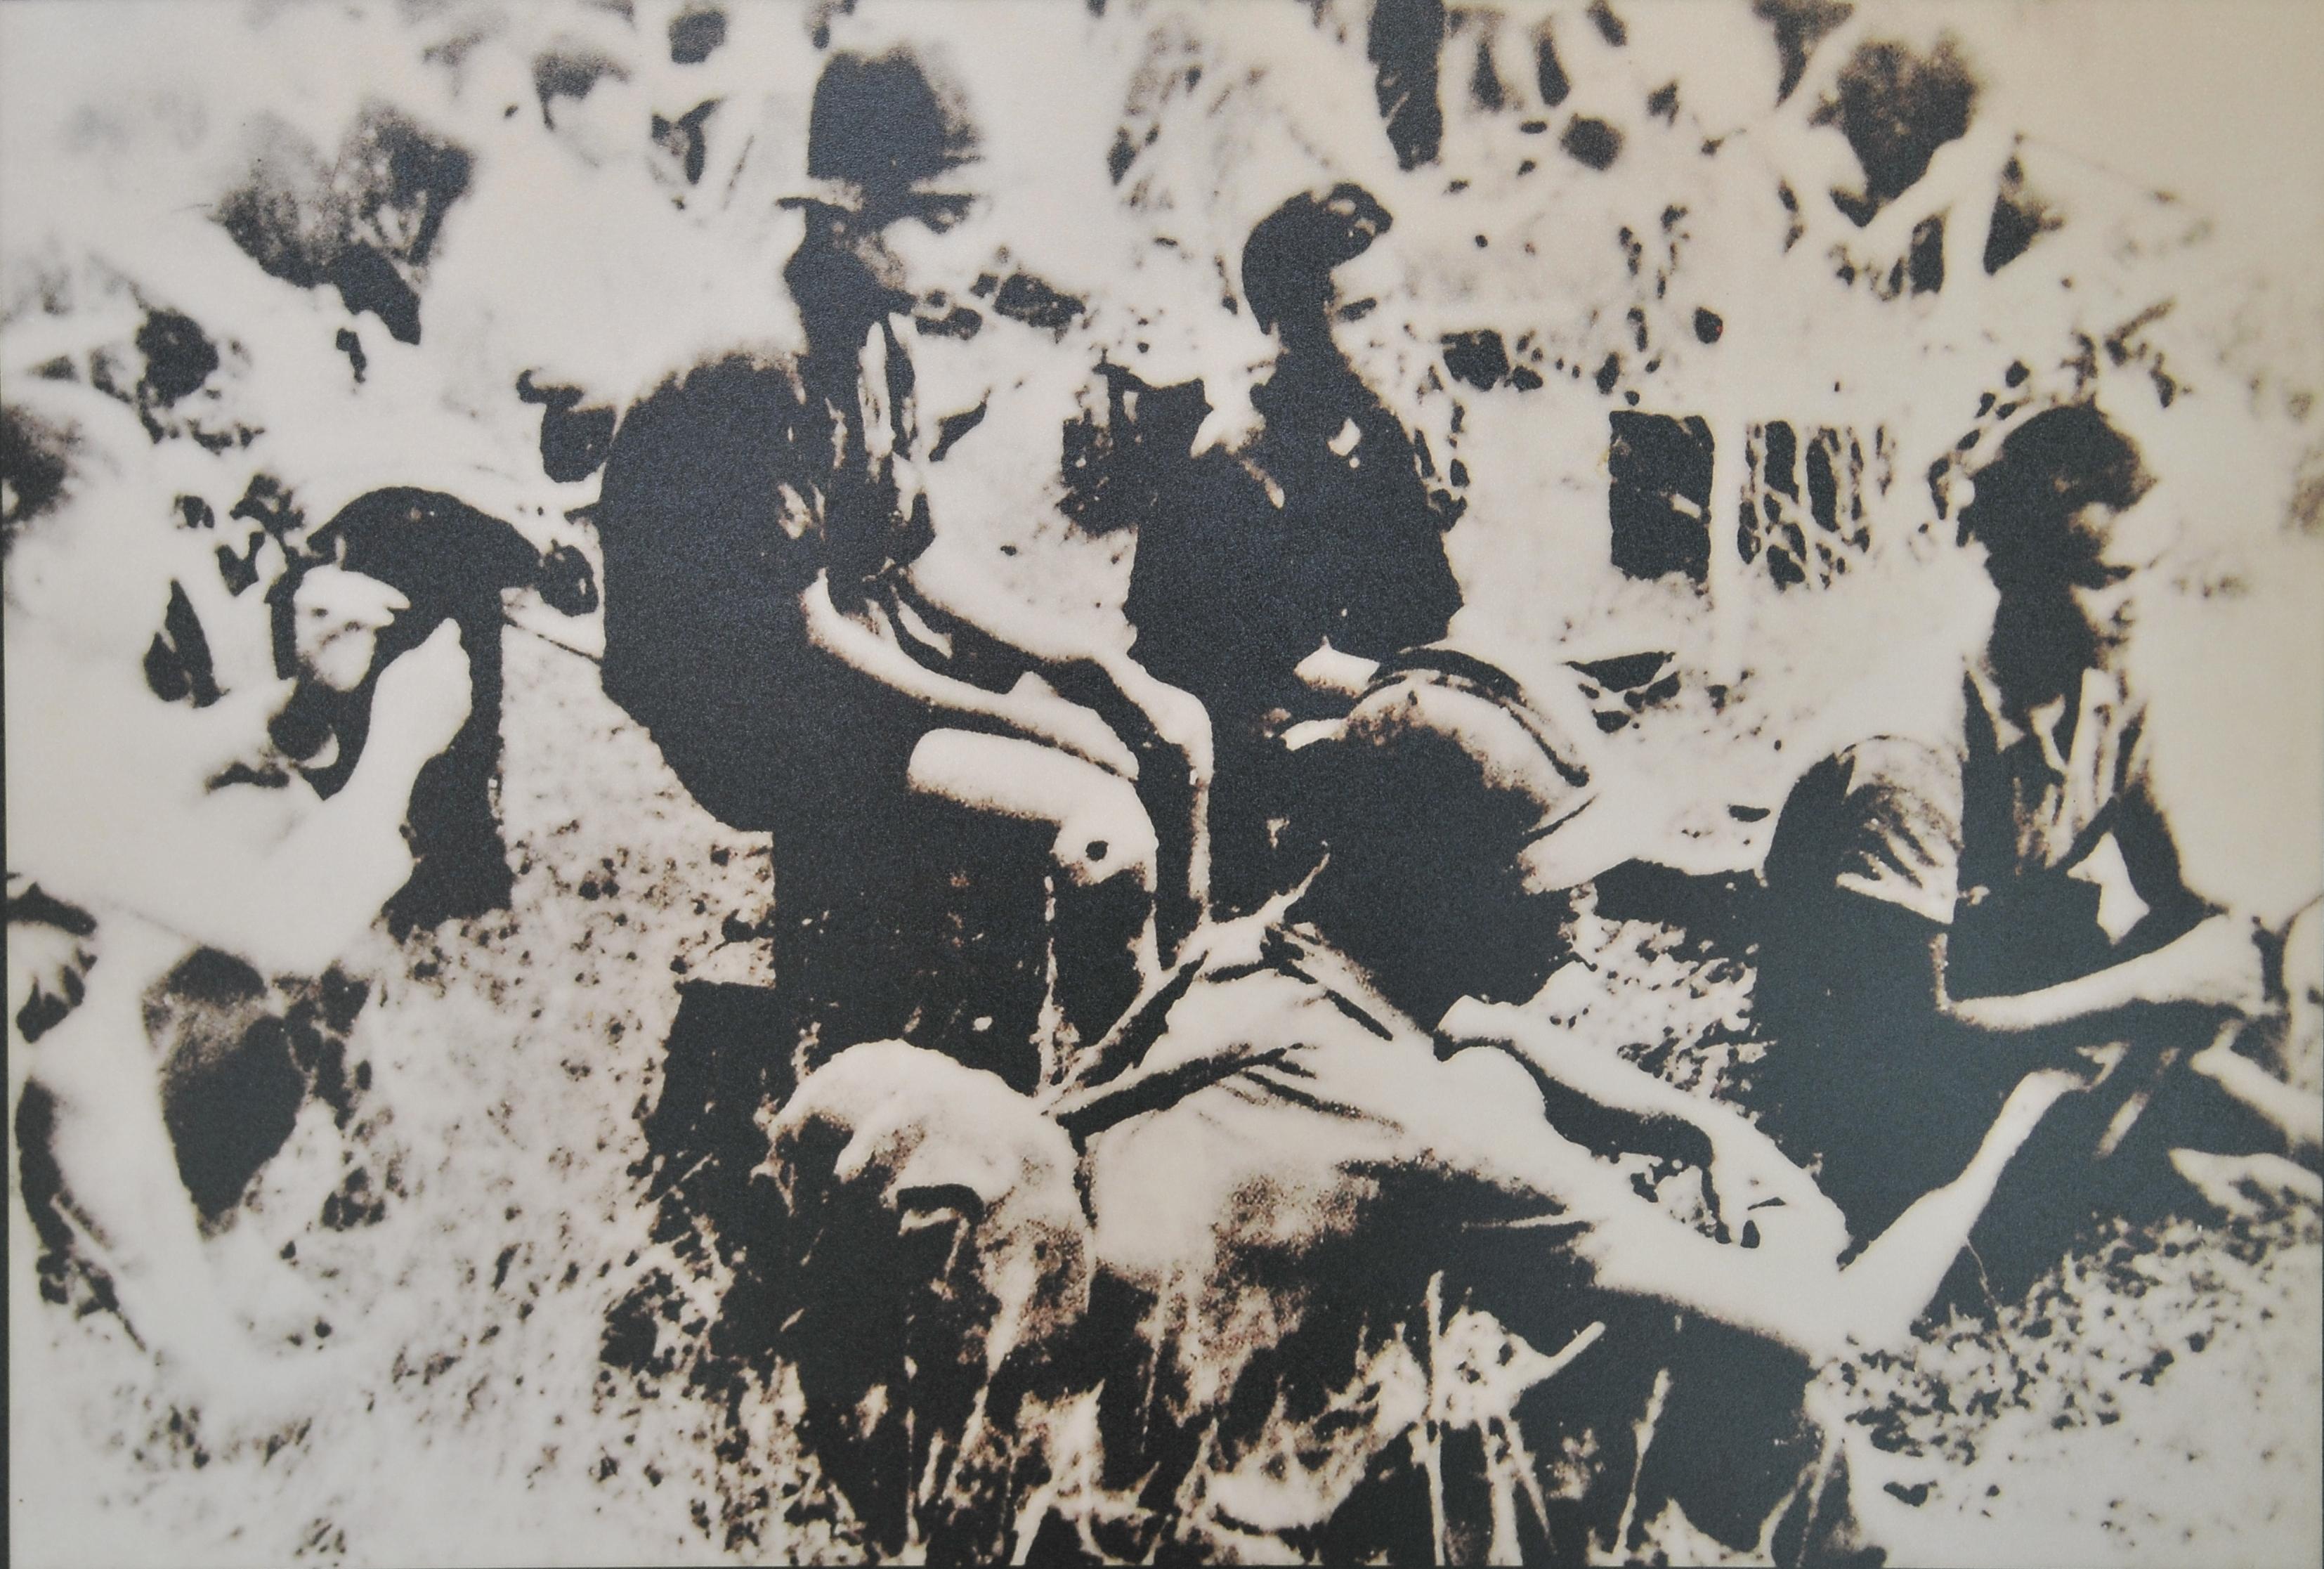 Description: ông nhân đoàn điền cao su tham gia đấu tranh chống lại thực dân Pháp. Ảnh tư liệu